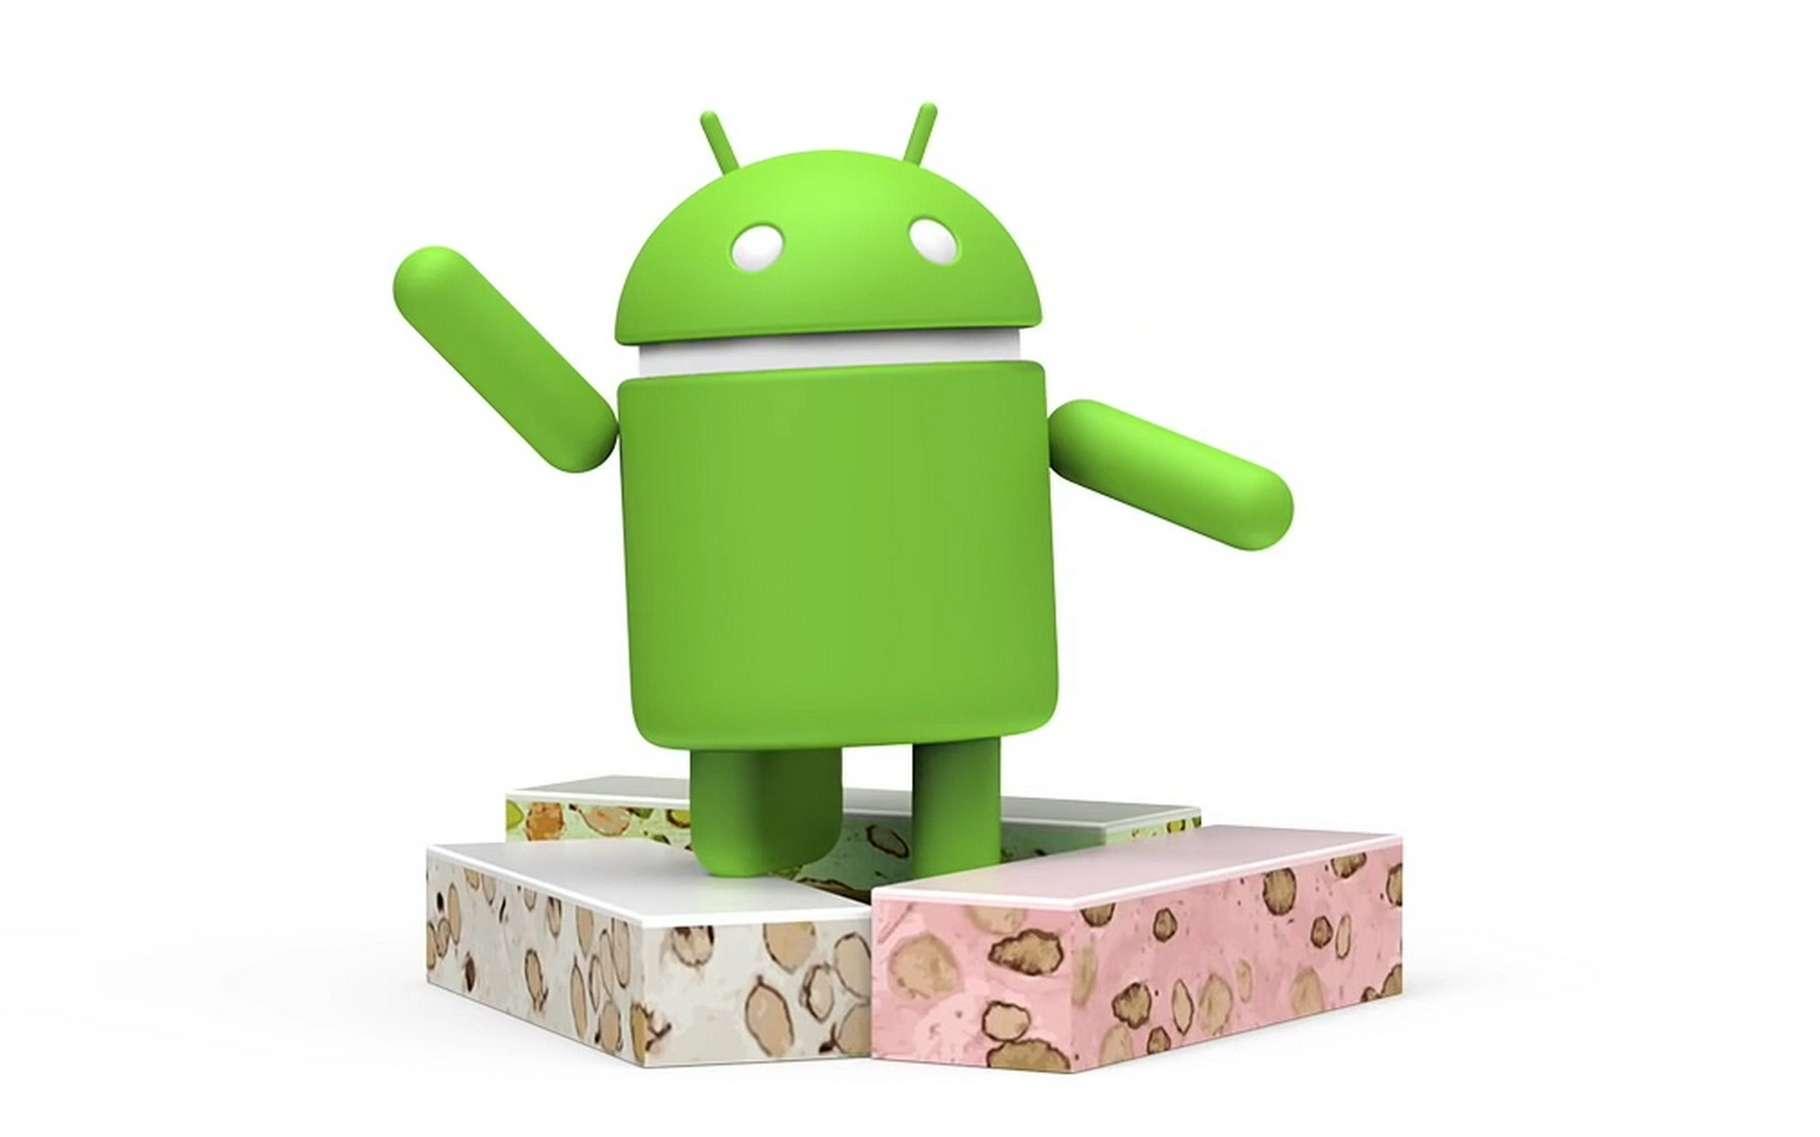 Des éditeurs ne respectent pas les règles de confidentialité d'Android qui interdisent de collecter des données privées. © Google